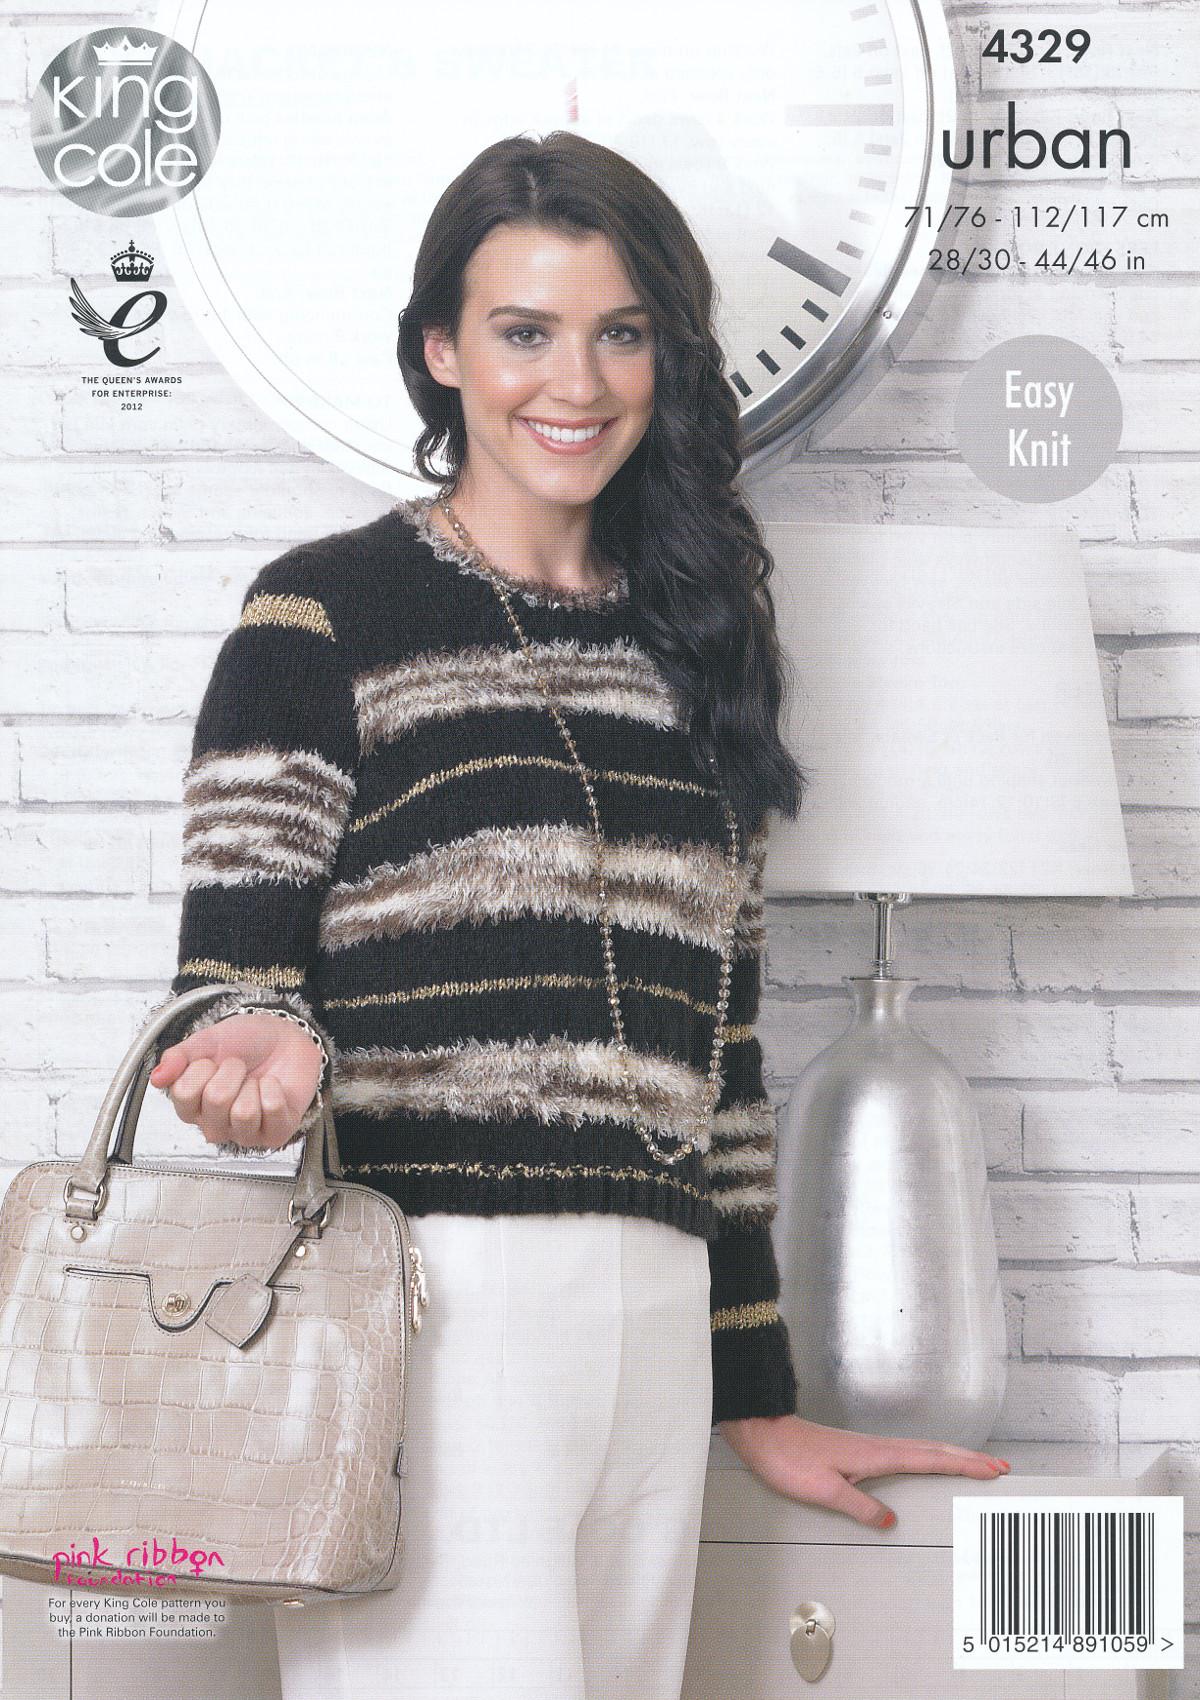 King Cole Knitting Pattern 3318 : Womens Knitting Pattern King Cole Urban Easy Knit Boxy Jacket & Sweater 4329